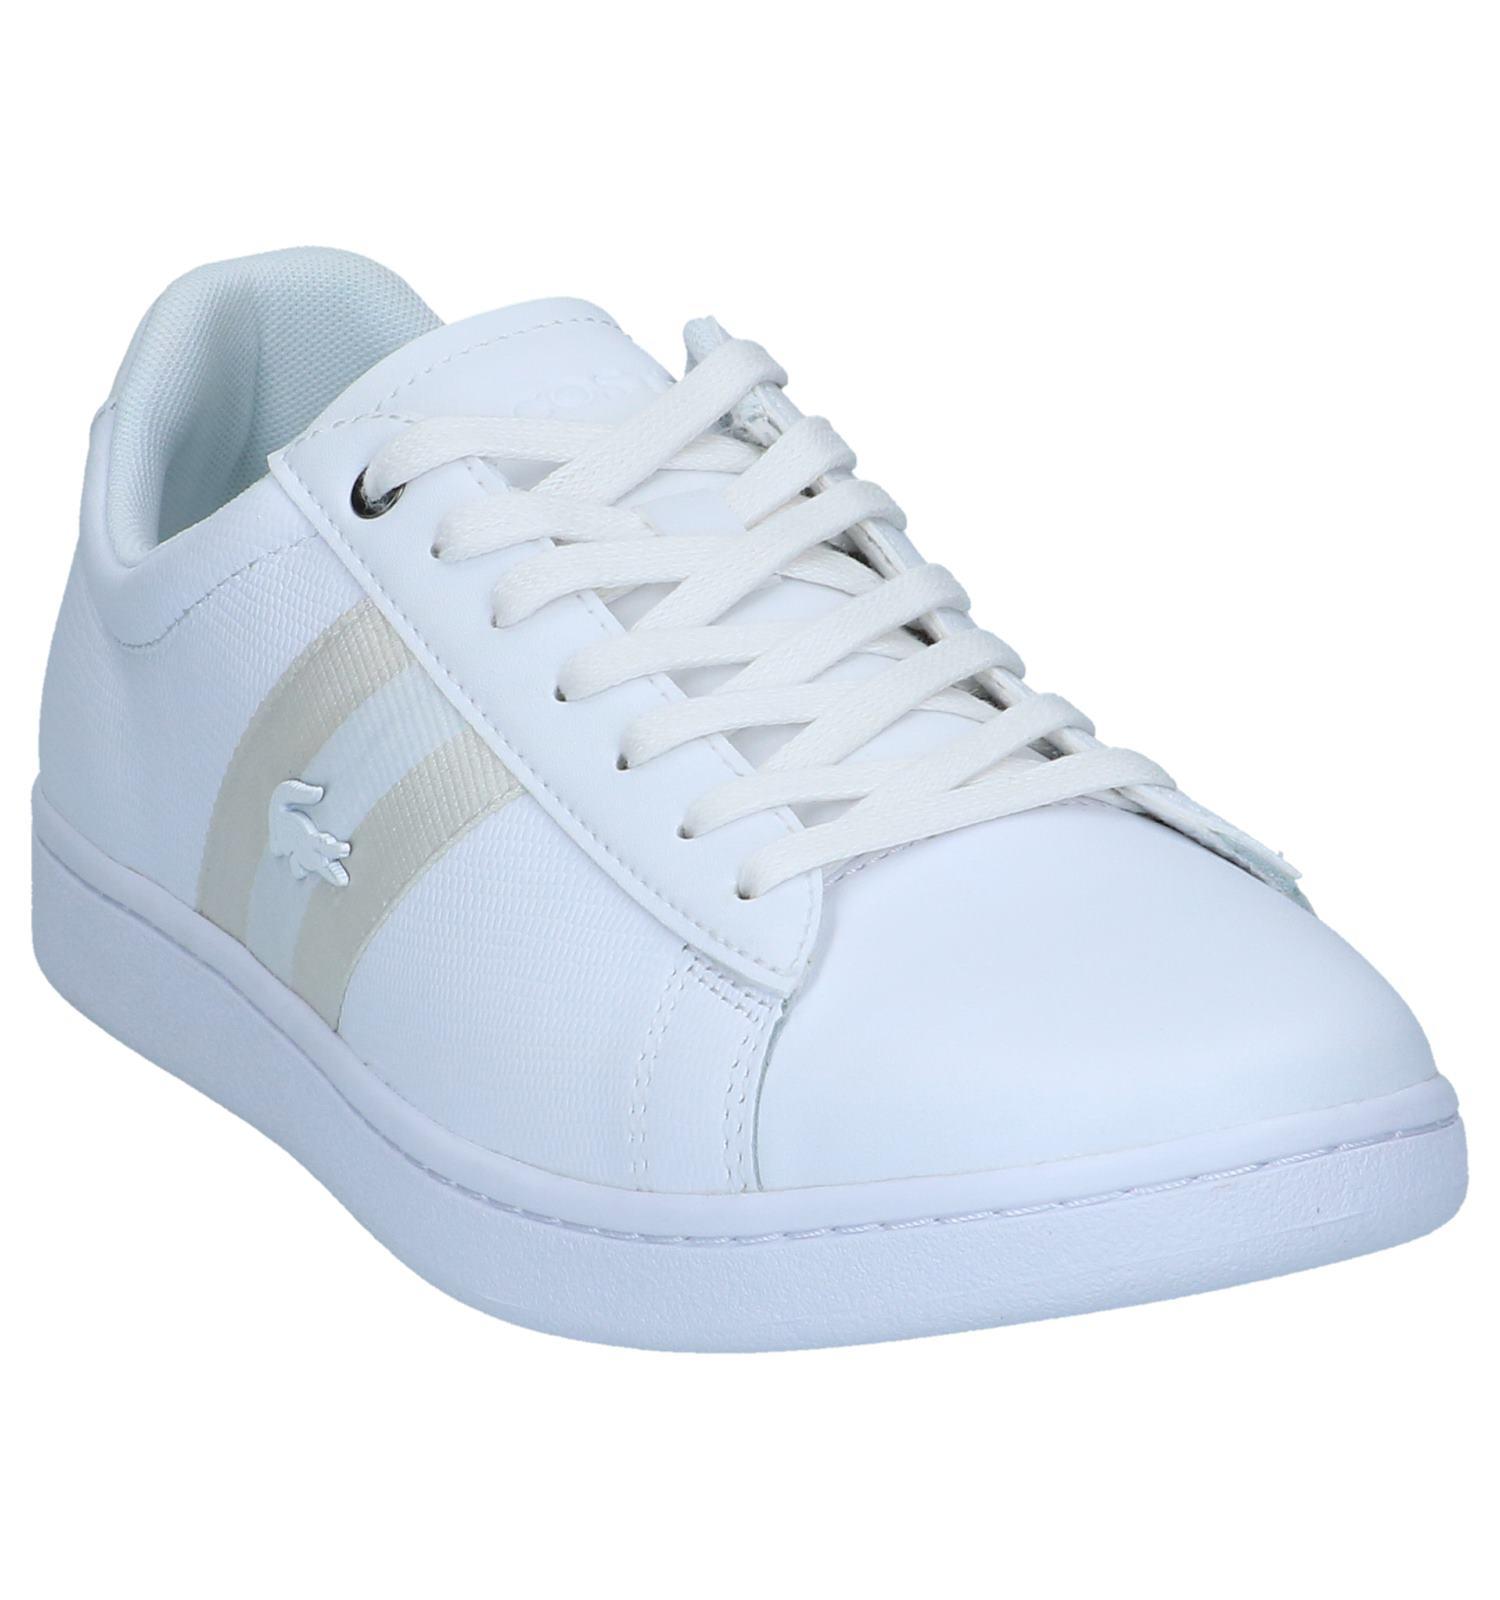 Lacoste Carnaby Evo Sneakers Witte Witte Sneakers N0wyvOP8nm